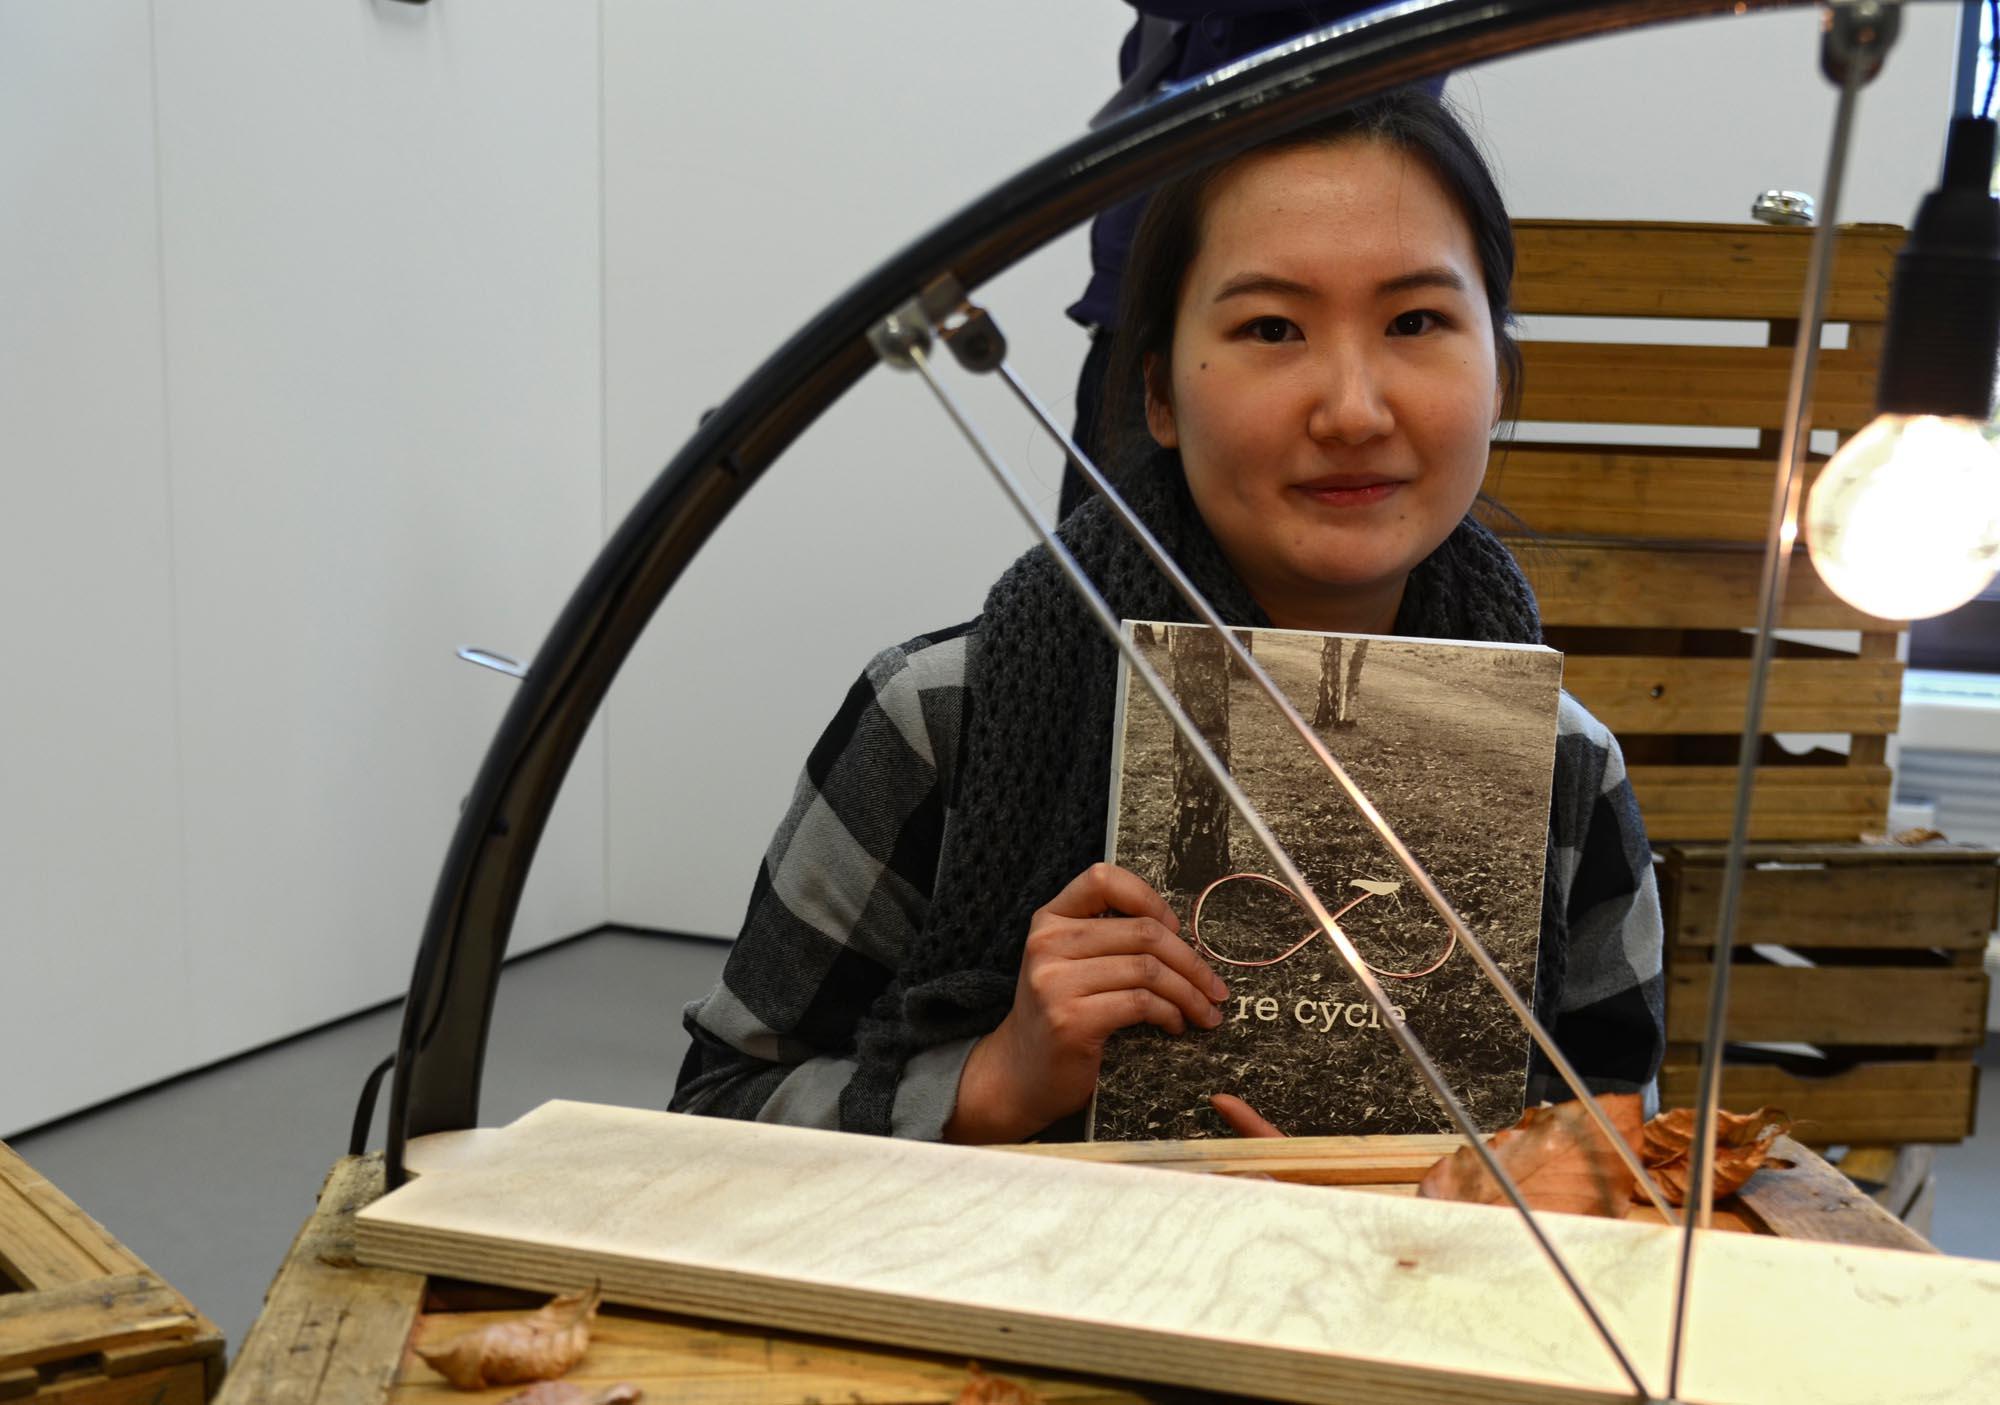 """Wiederverwertet: Eine Lampe baute Min Jung Park aus dem alten Fahrradschutzblech; weitere 21 Produkte stellt sie in ihrem Buch """"Re Cycle"""" vor."""